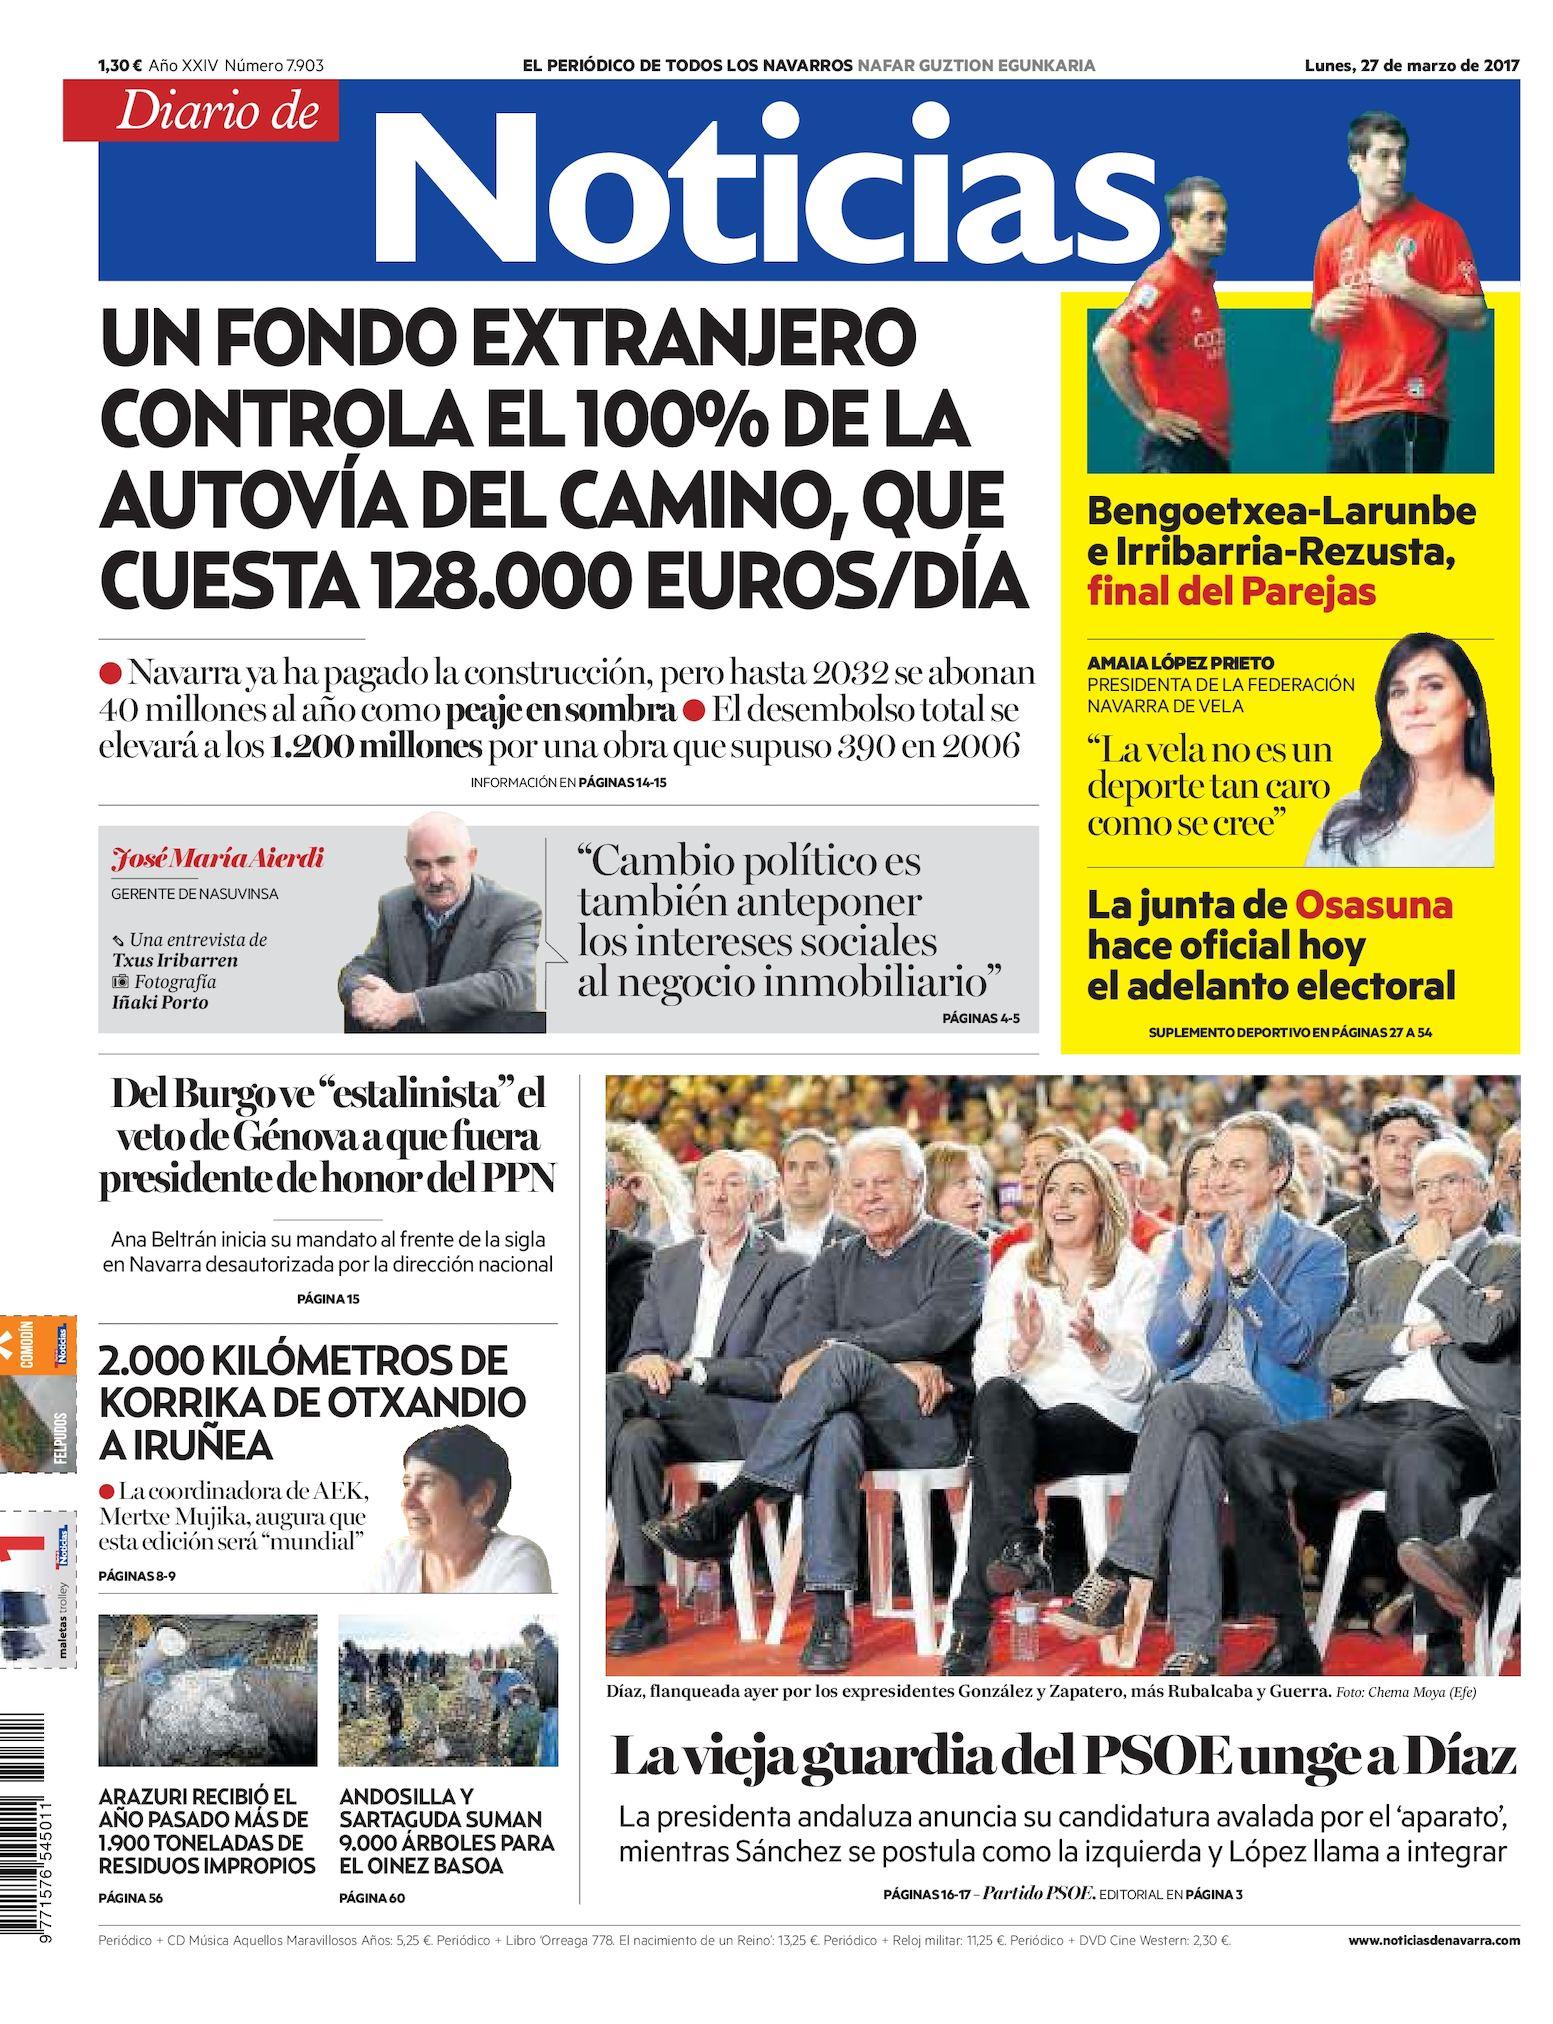 1595af20a3 Calaméo - Diario de Noticias 20170327